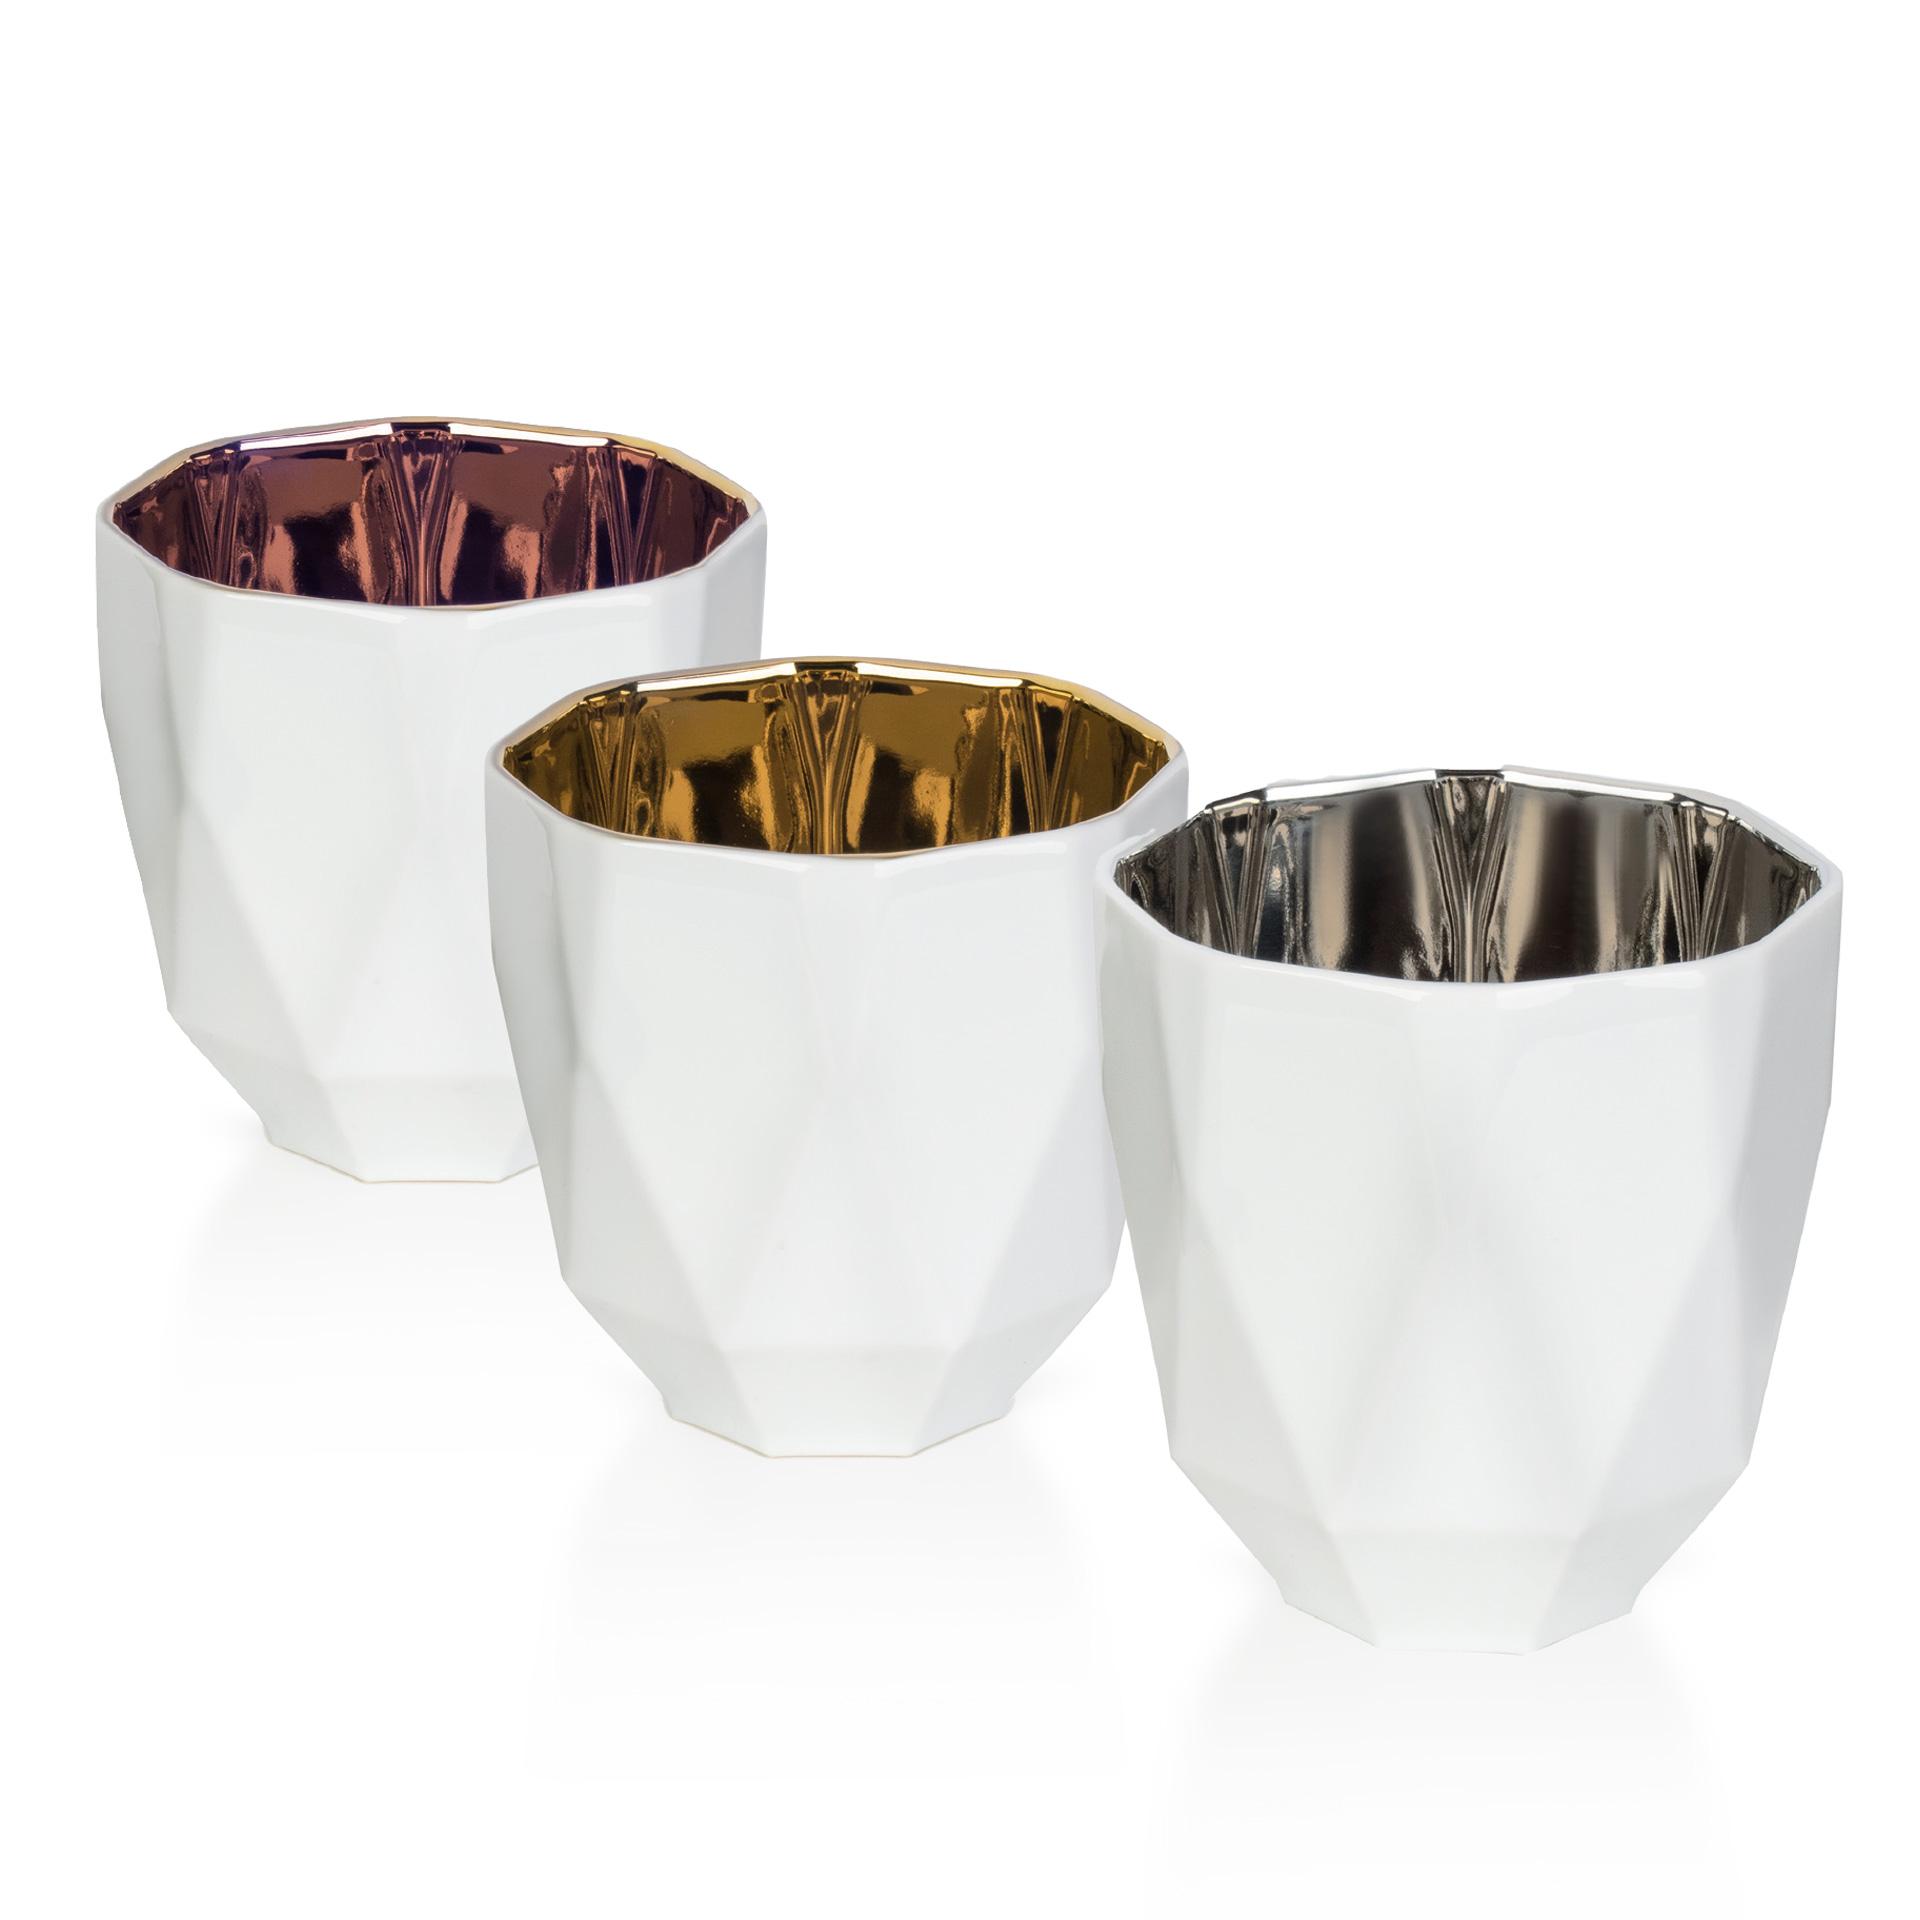 Aussergewöhnliche Tischlichter Weiß, Gold, Silber und Bronze - Mahlwerck Shop